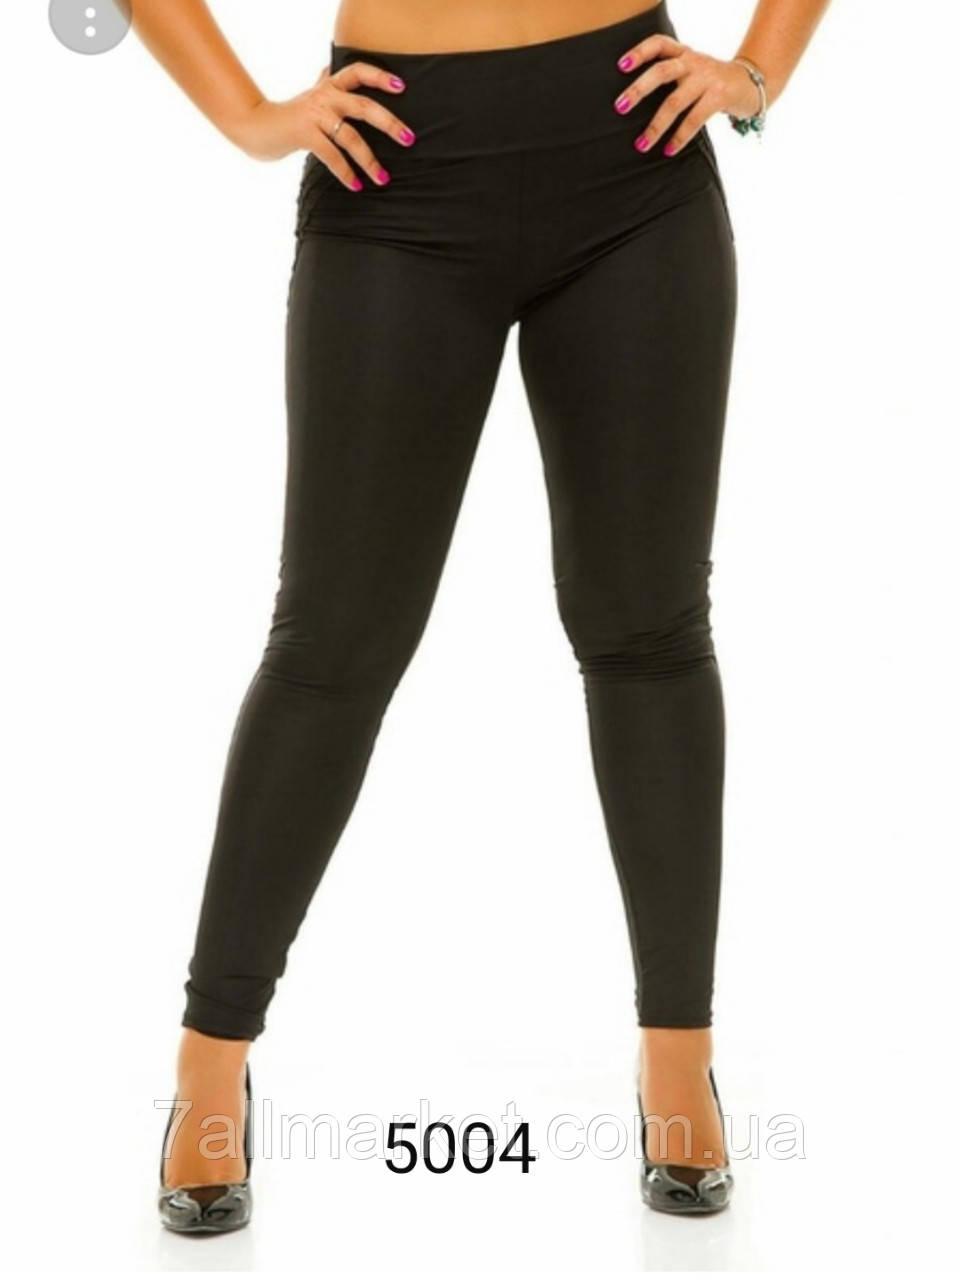 """Лосіни жіночі стильні полубатальные розміри XL-4XL """"VICTORY"""" купити недорого від прямого постачальника"""